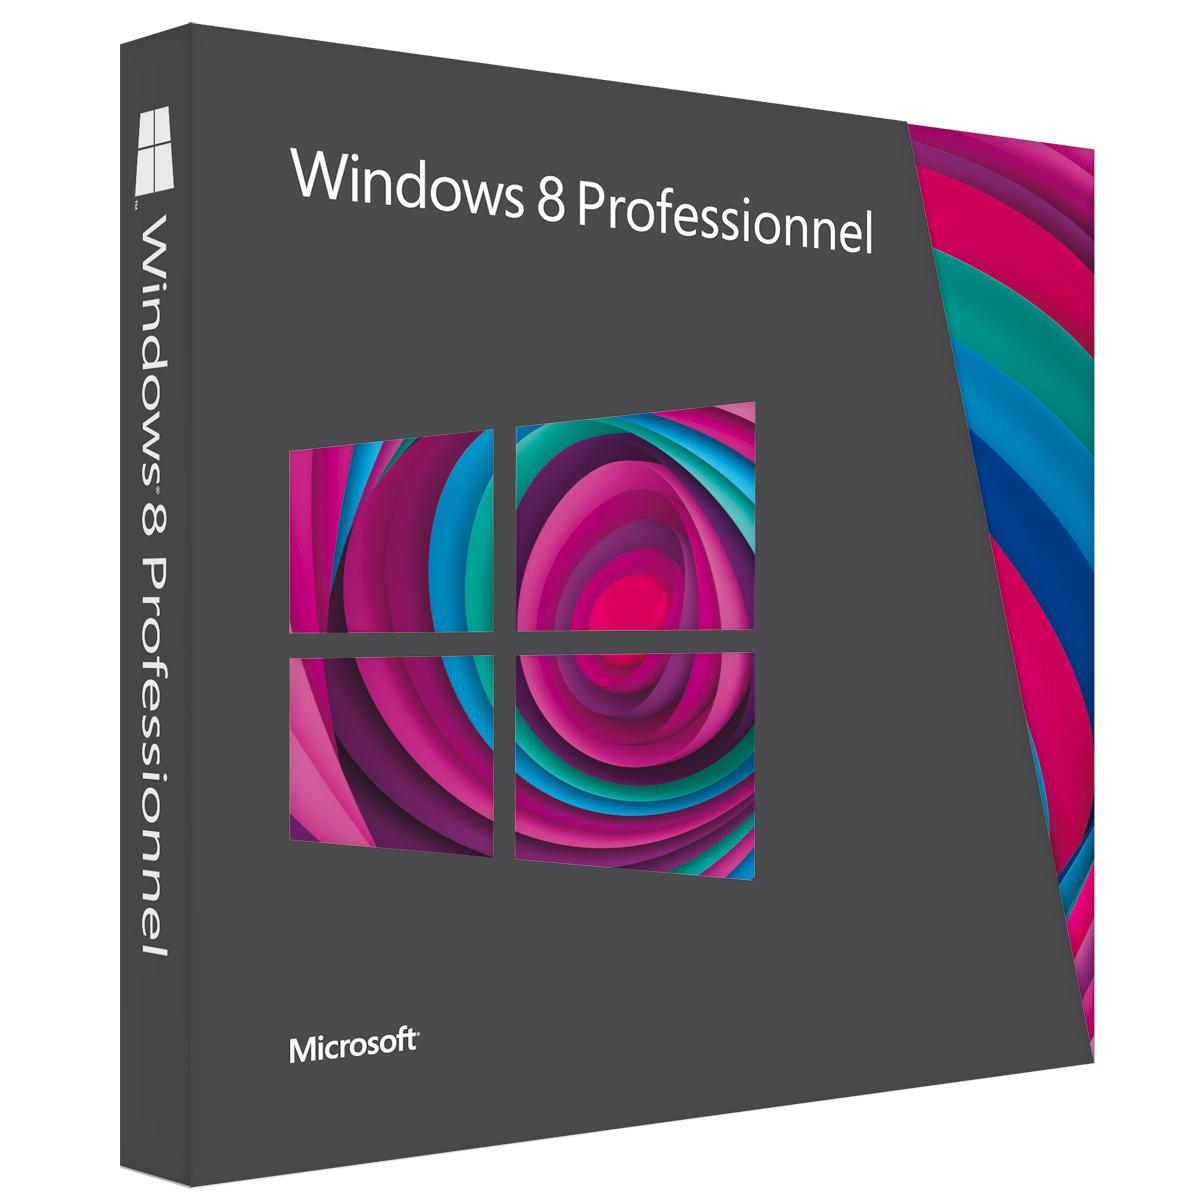 Windows Microsoft Windows 8 Professionnel - Mise à jour Microsoft Windows 8 Pro (français)